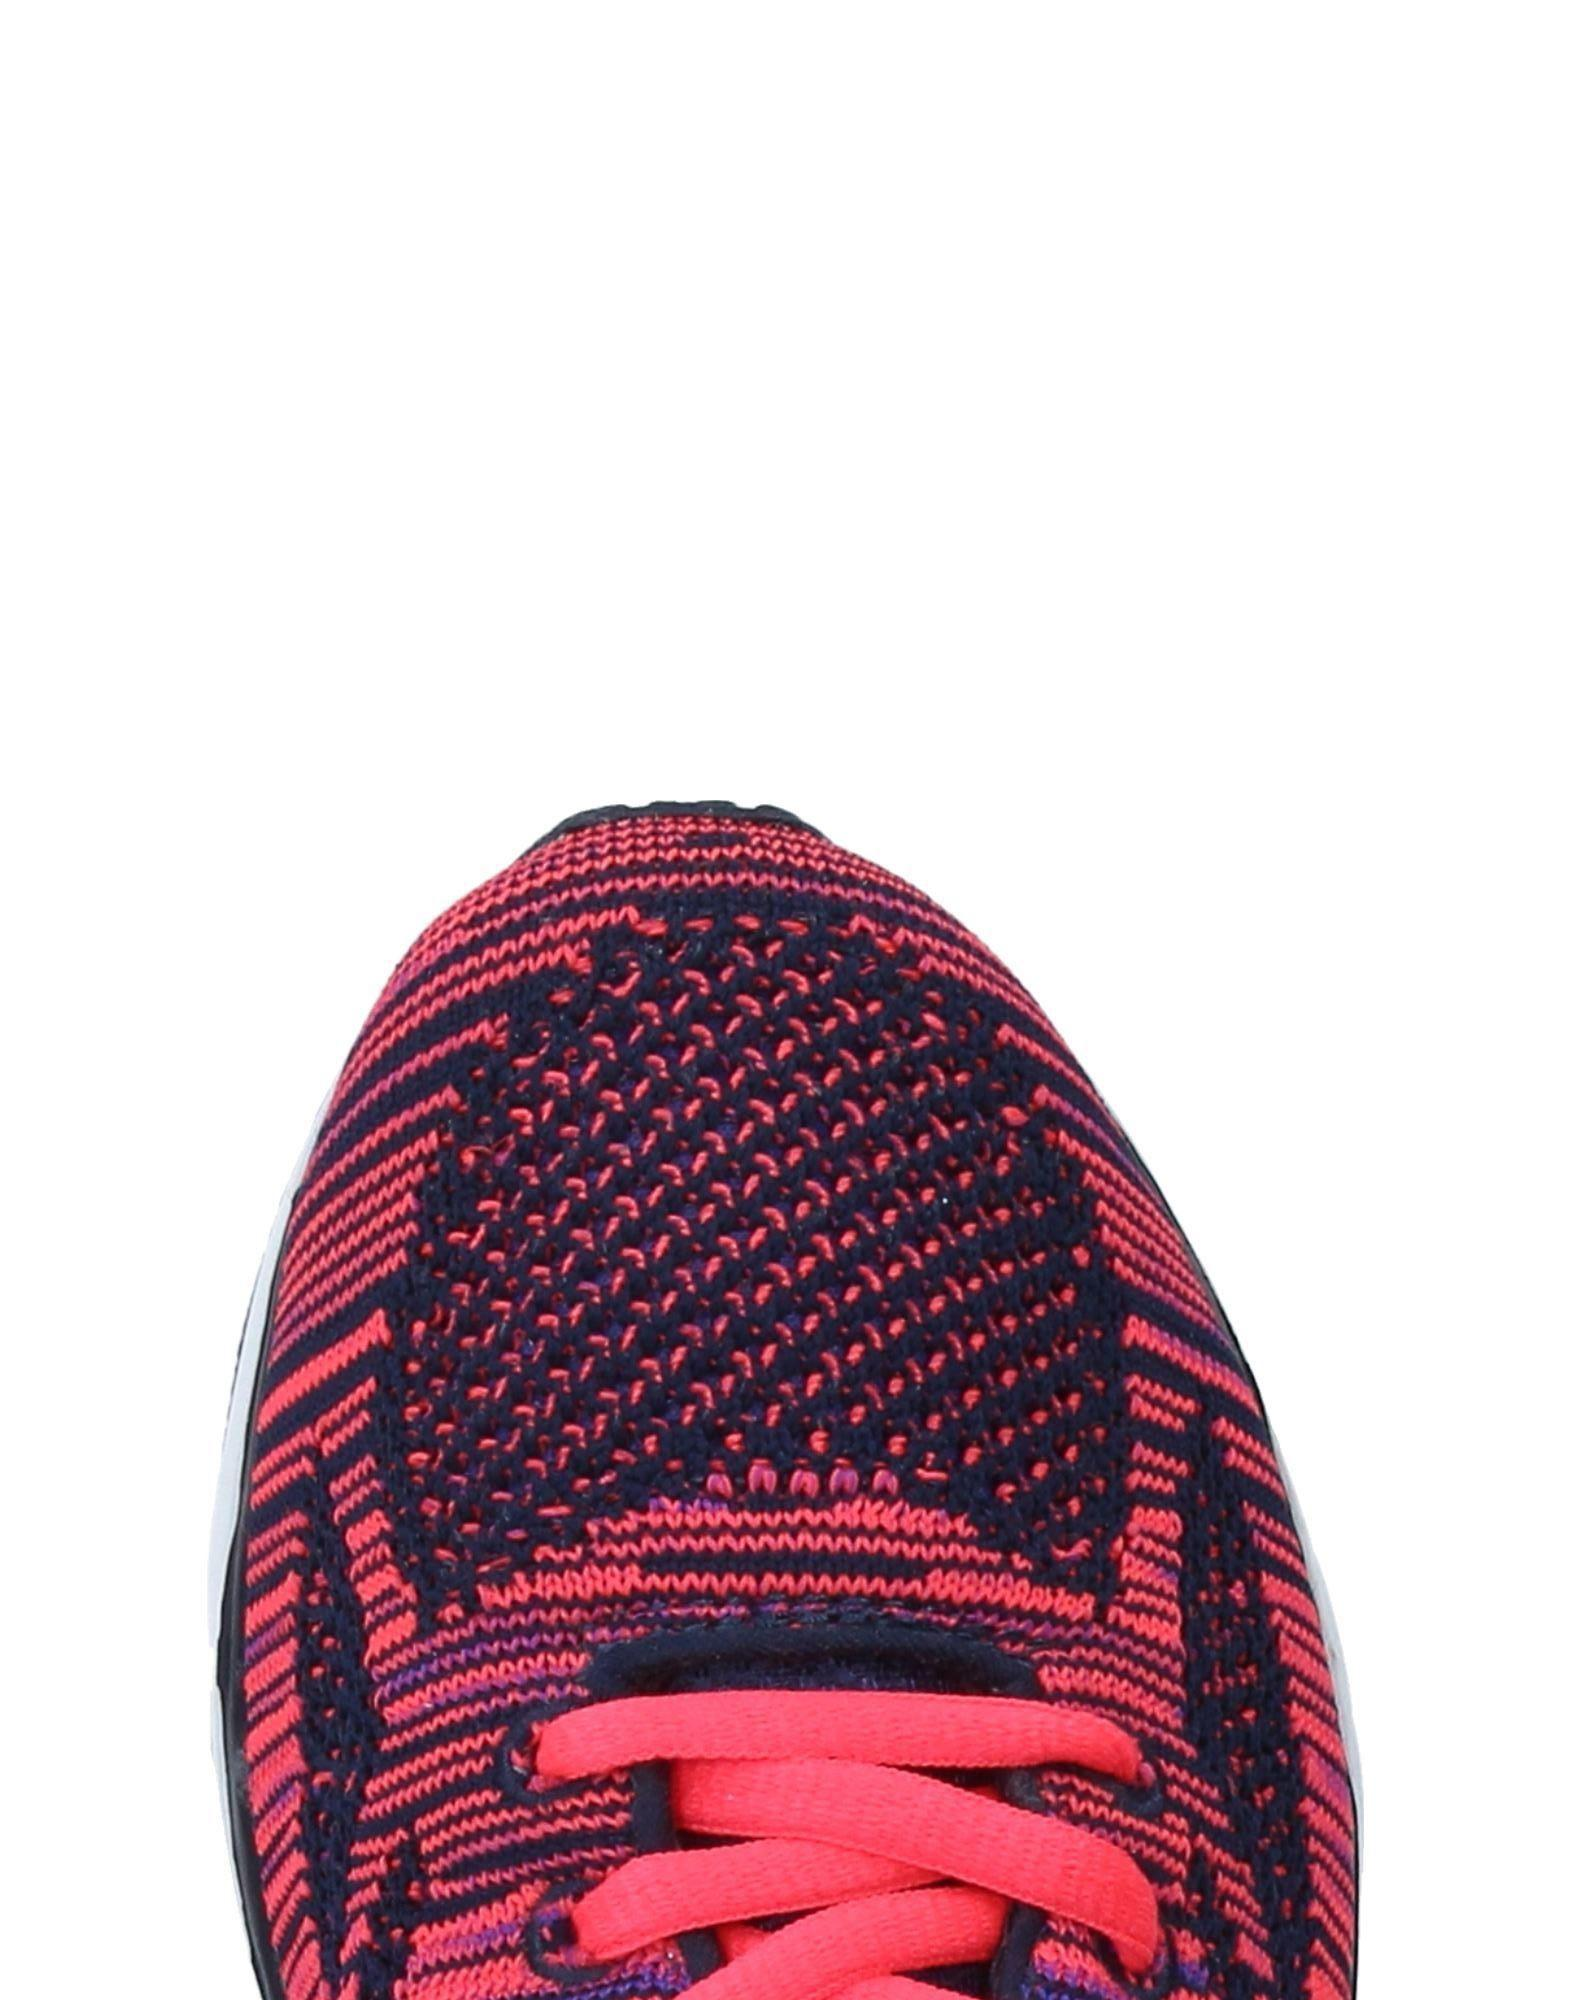 Skechers Rubber Low-tops & Sneakers in Fuchsia (Purple)